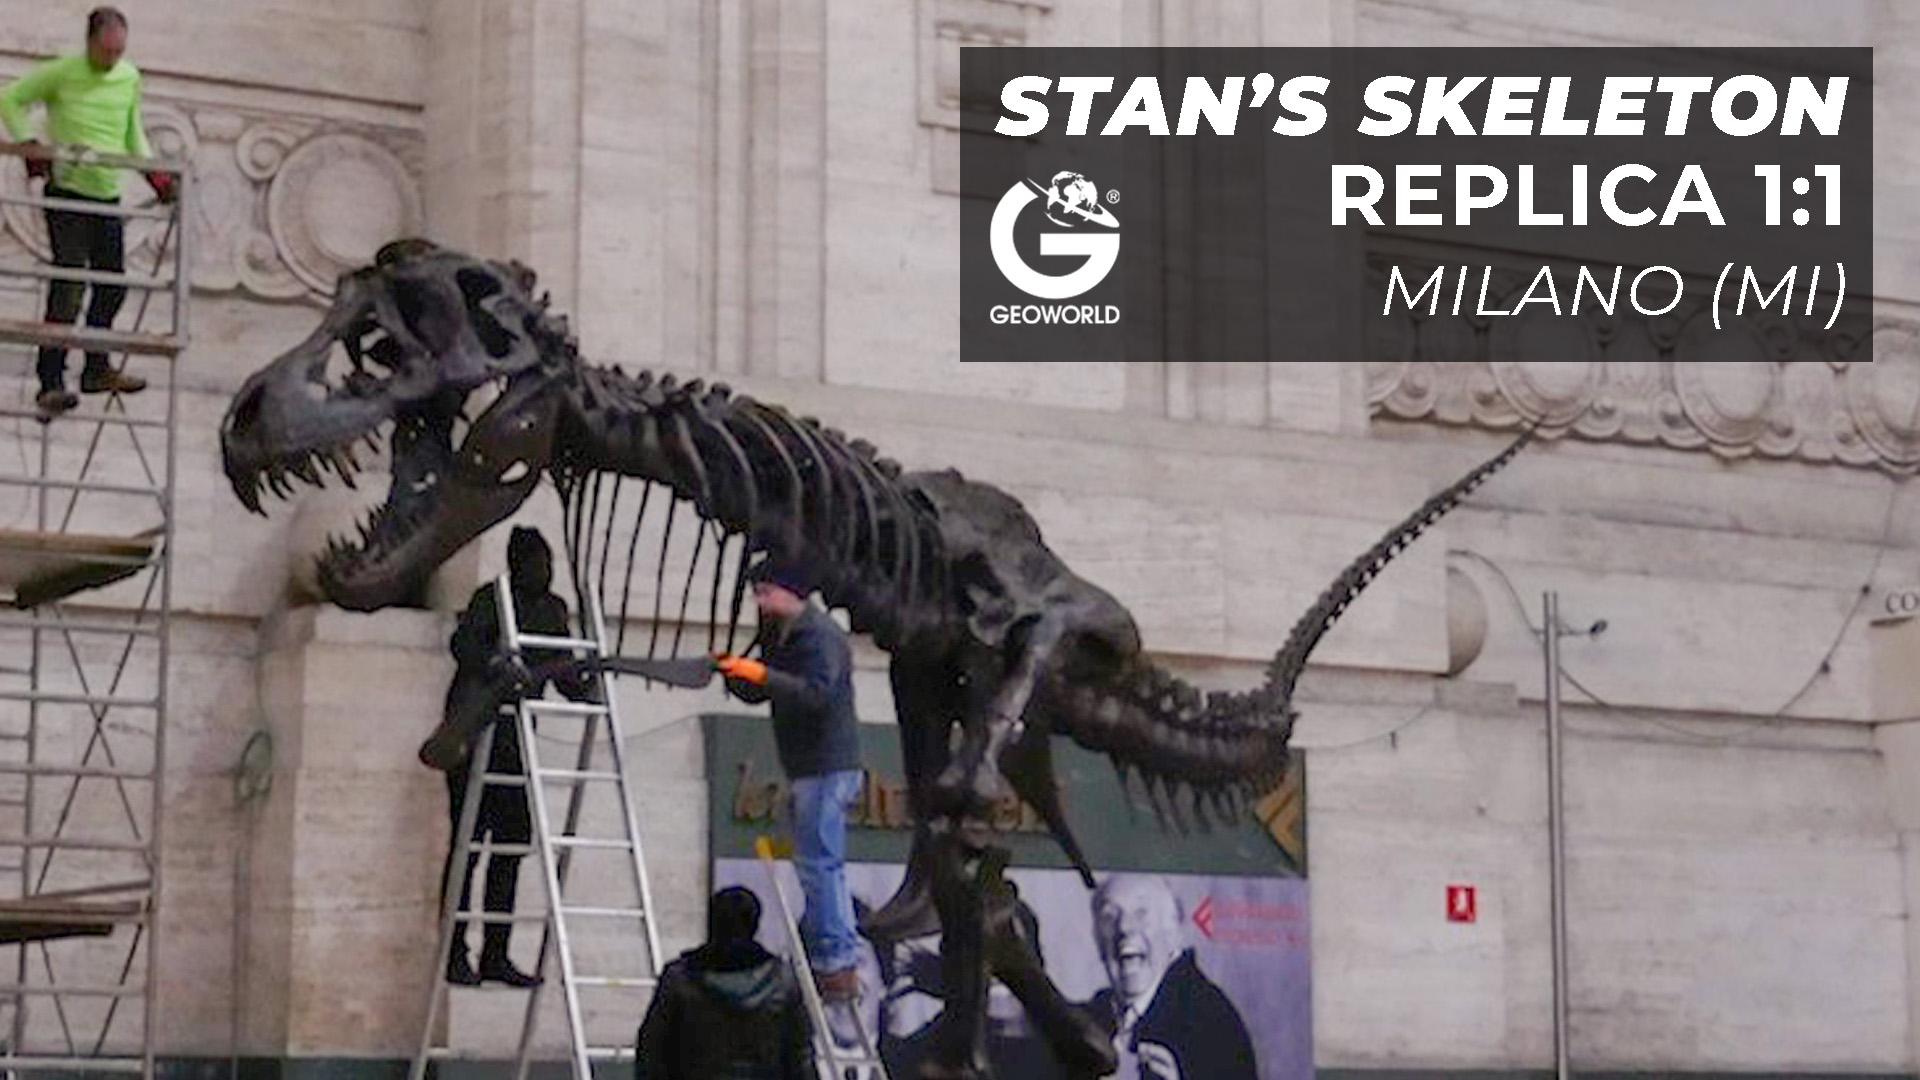 Stan's skeleton – Milano